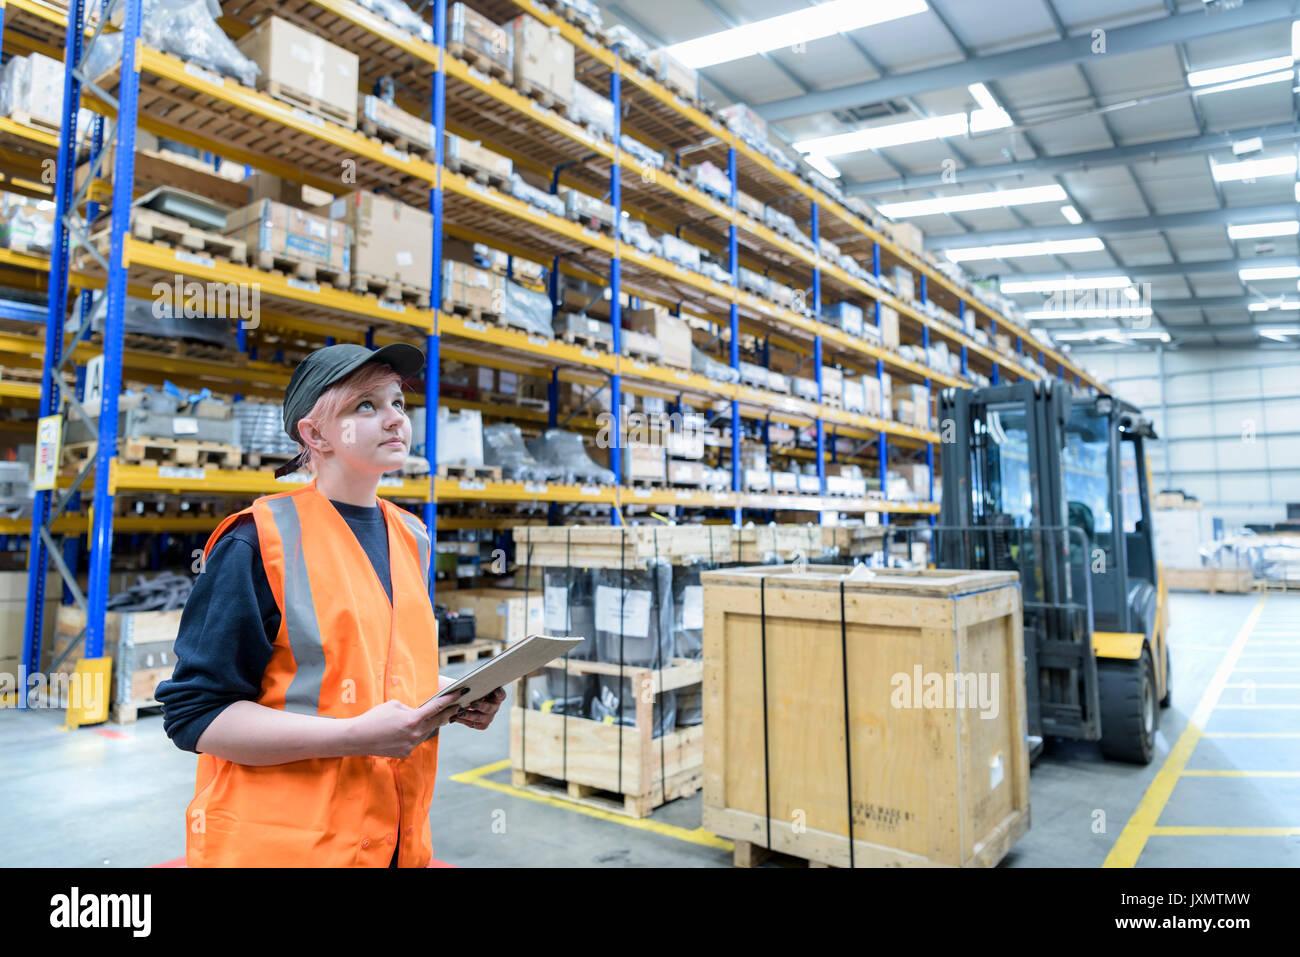 Femmina lavoratore storage in treno funziona magazzino Immagini Stock